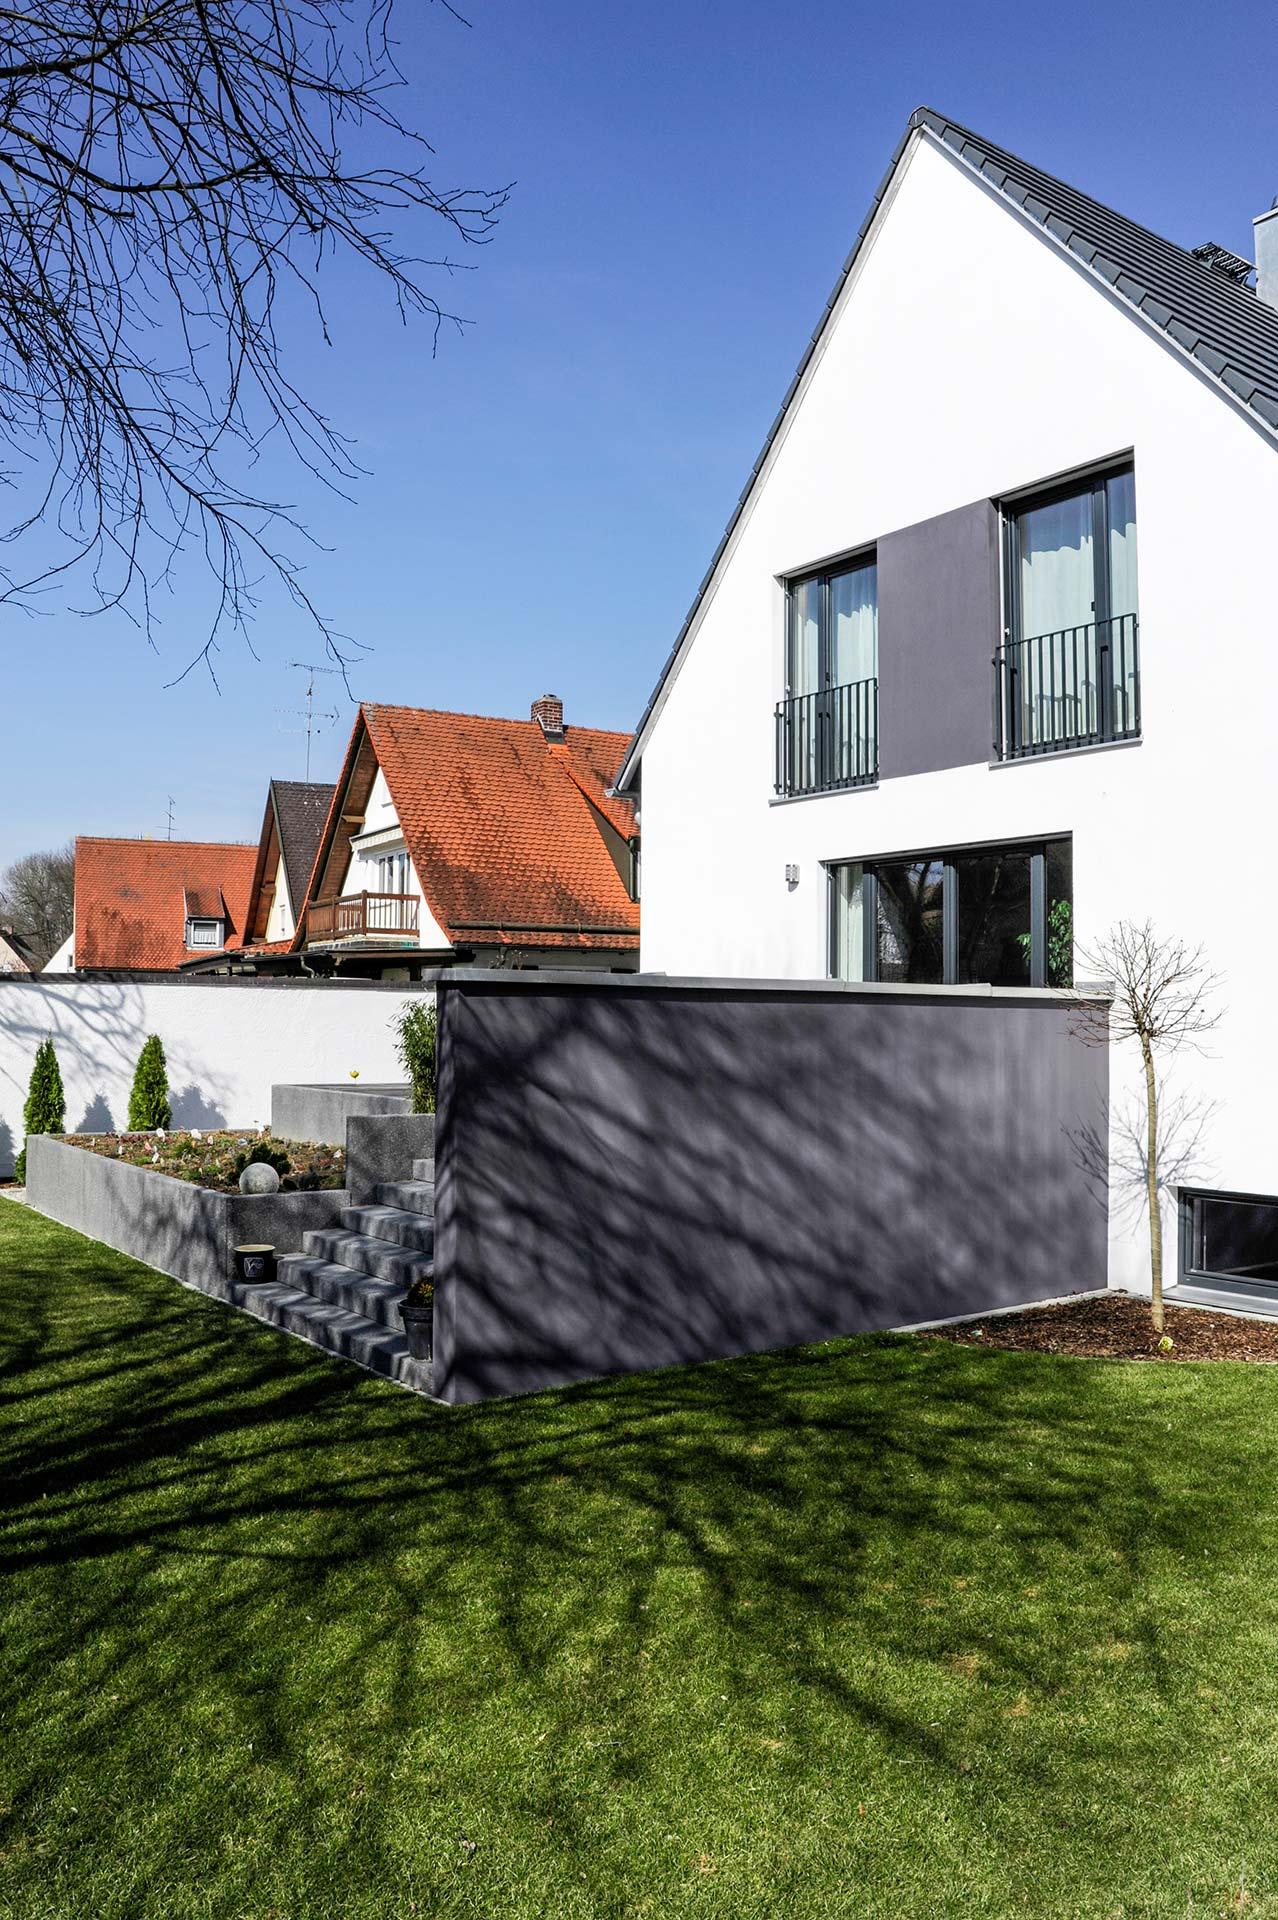 Haus vom Architekten Herzog mit Gartenanlage